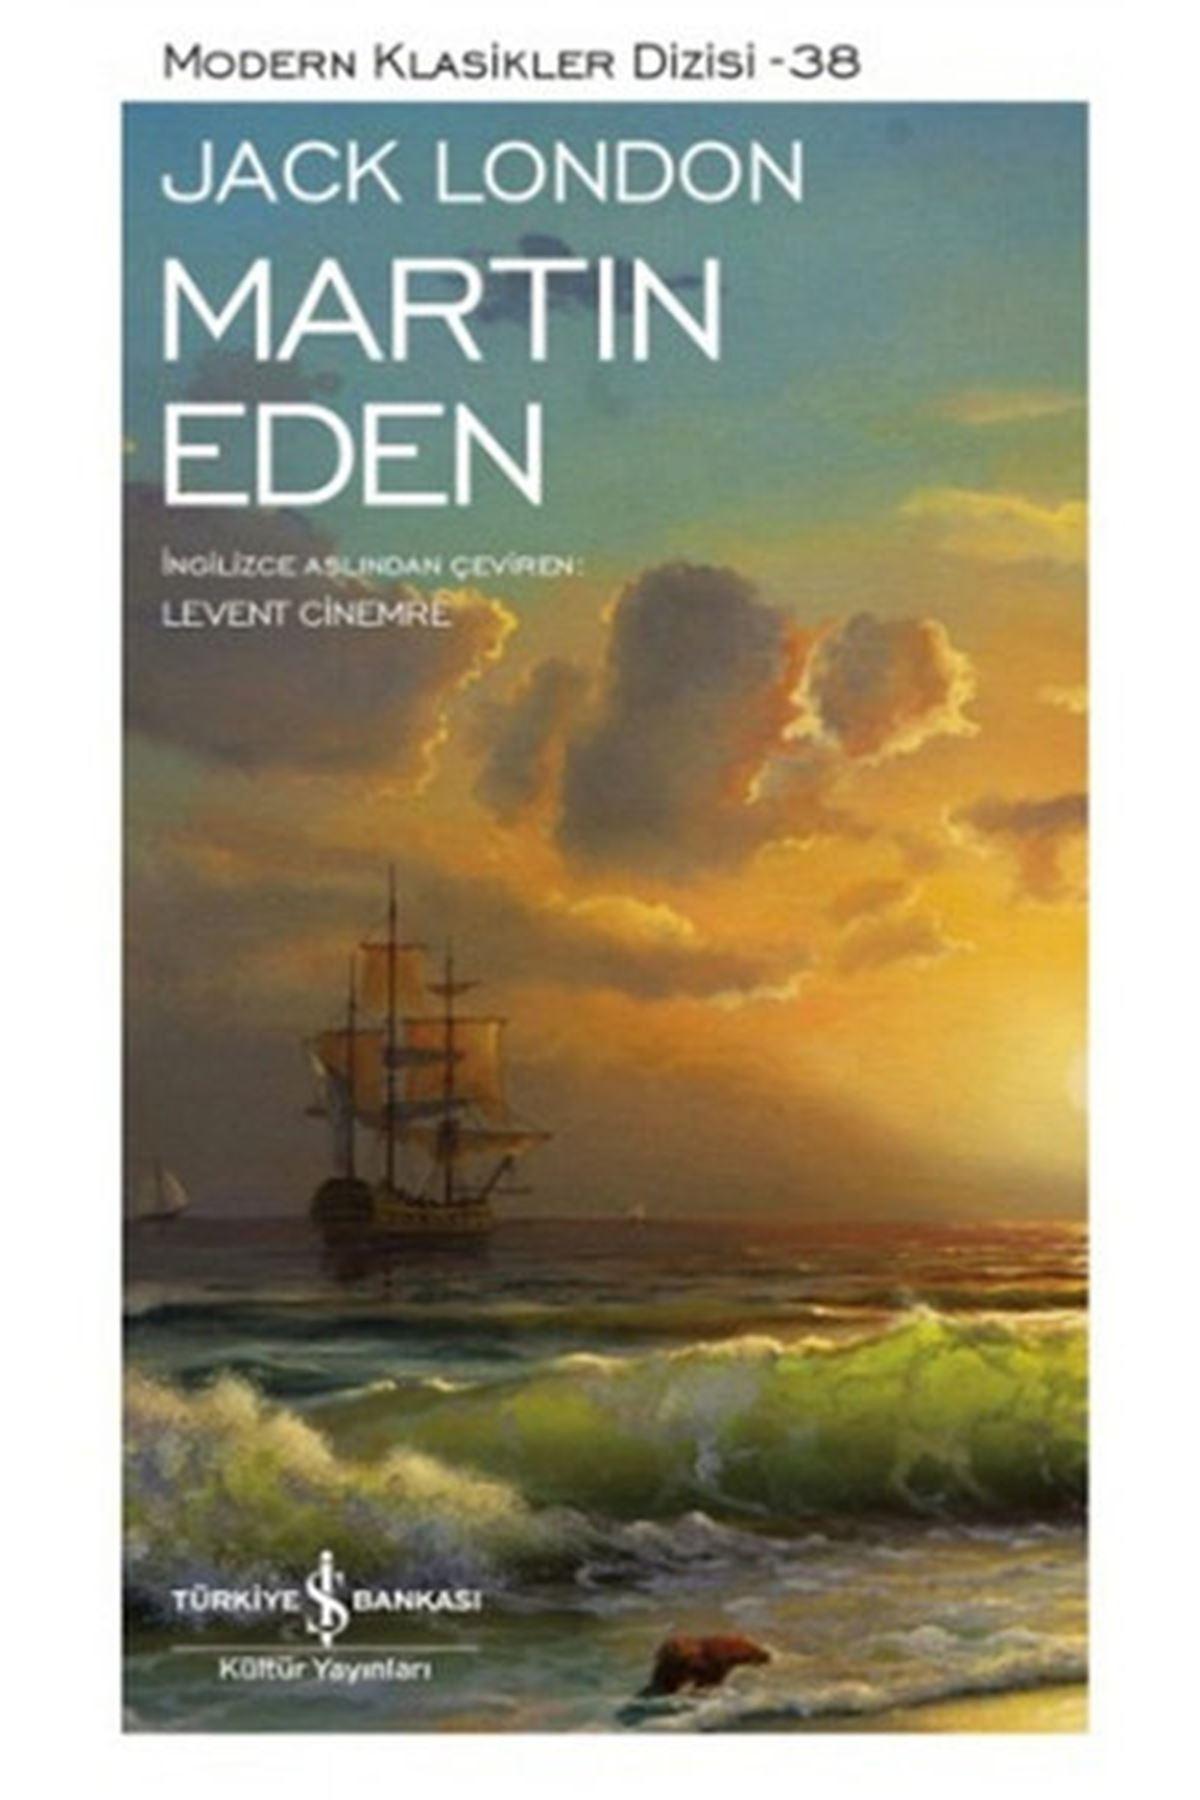 JACK LONDON - MARTİN EDEN